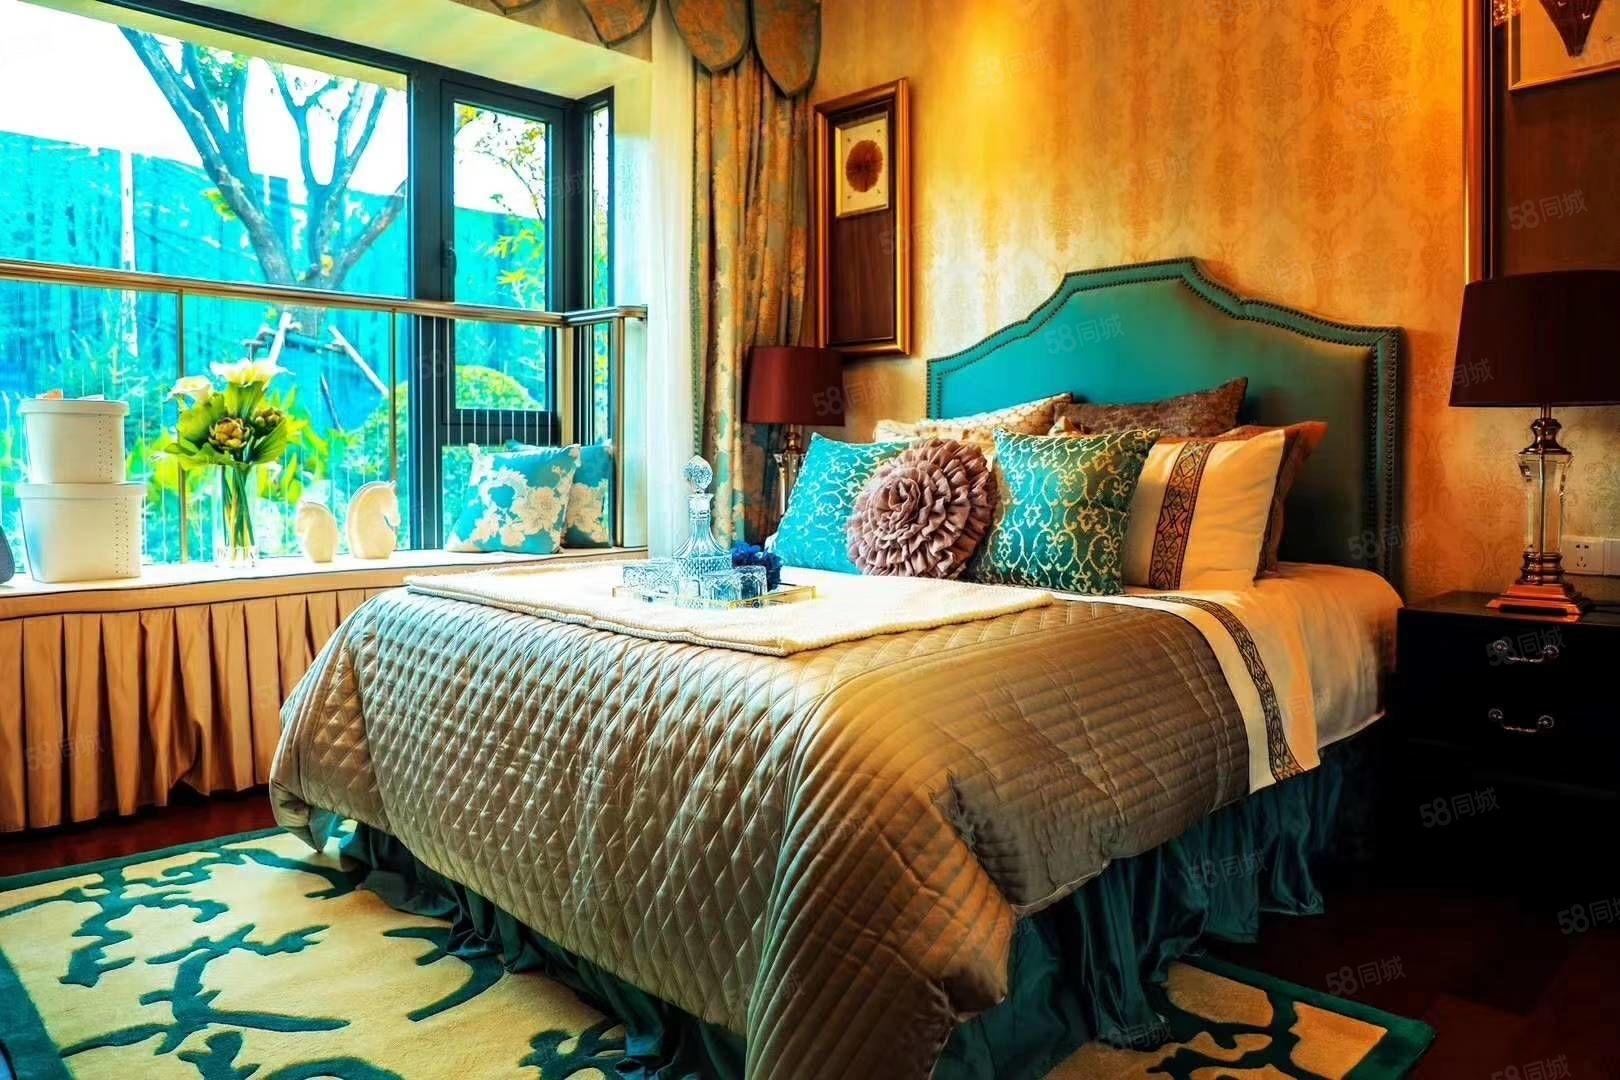 秦汉新城,恒大文化旅游城,精装修湖景住宅三室两厅